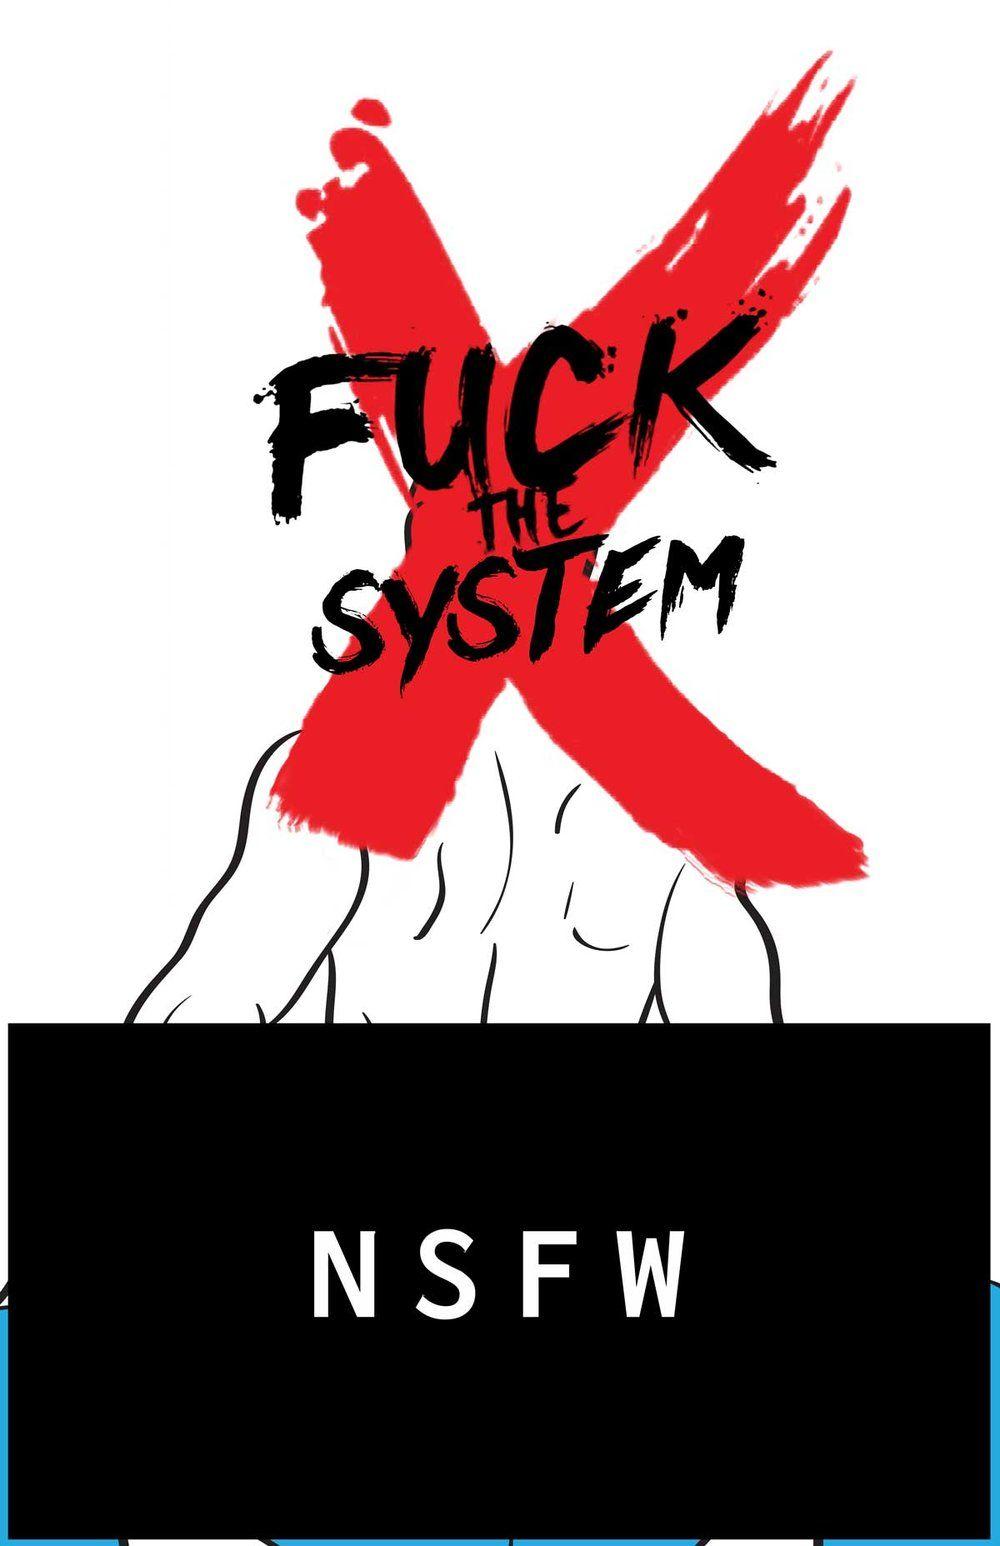 Color printing depaul -  Nsfw Depaul Vera Free Protest Materials Free Protest Posters Free Protest Signs Gay Rights